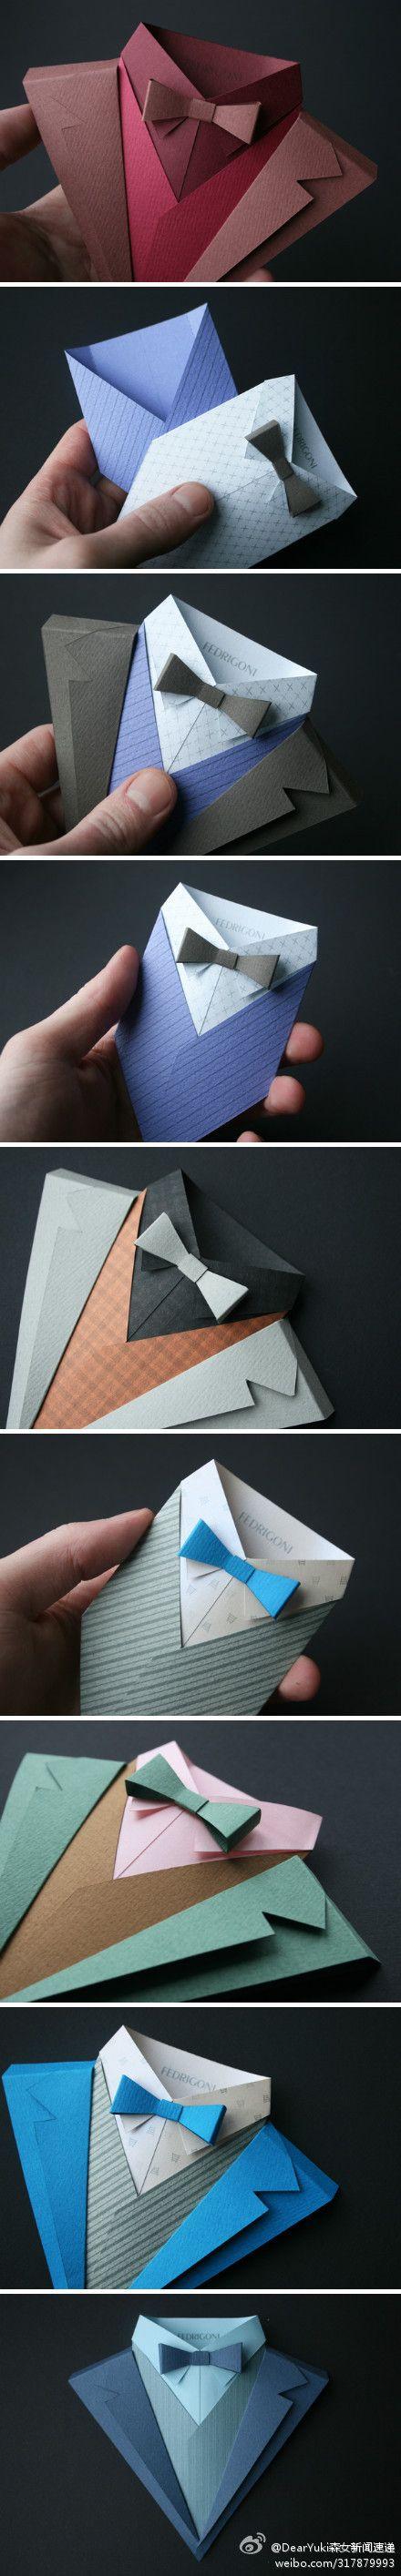 Origami traje con pajarita para un envoltorio original.: